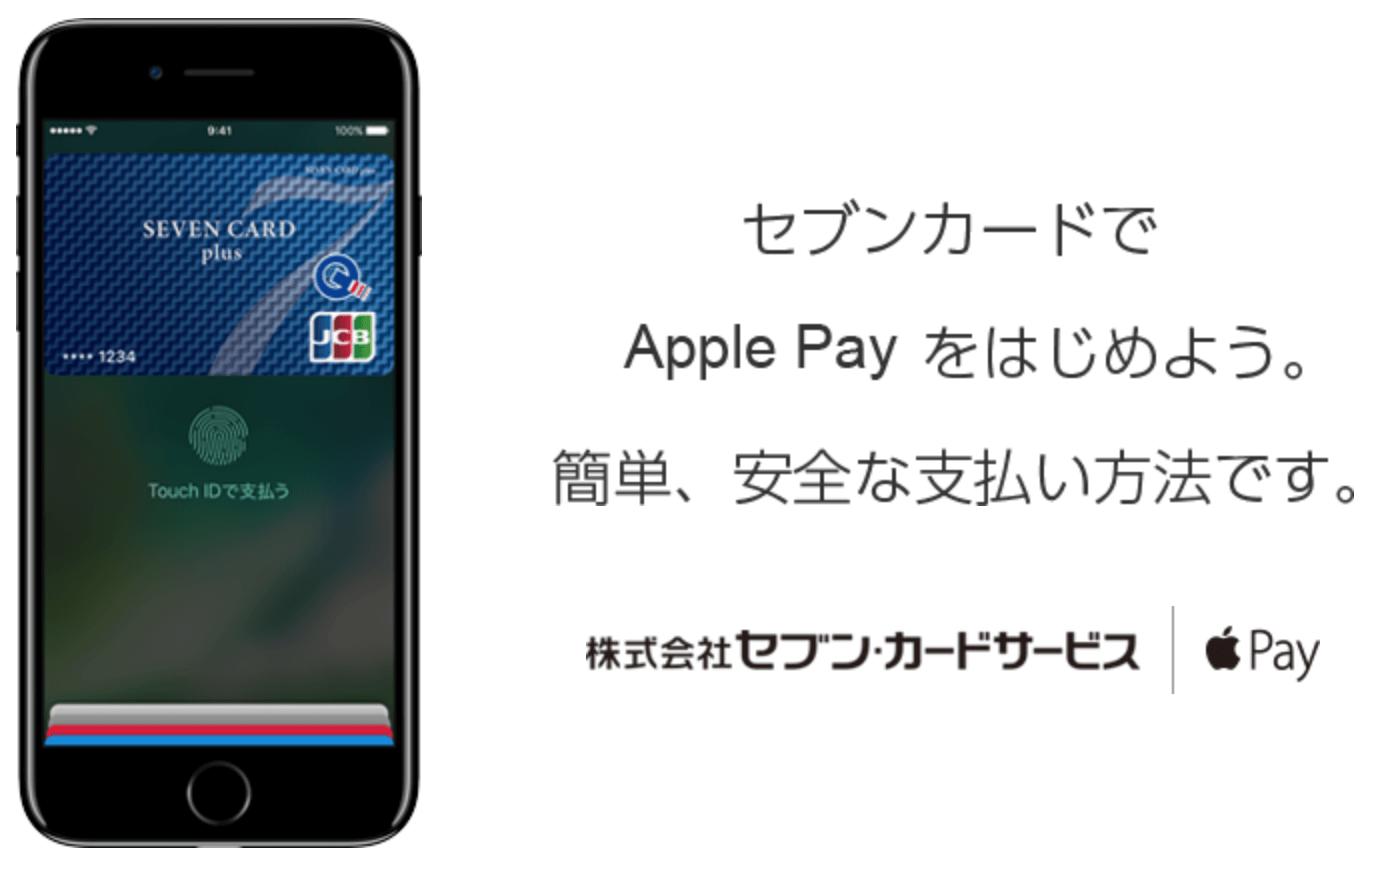 セブンカード・プラス(ゴールド)はApple Payに対応